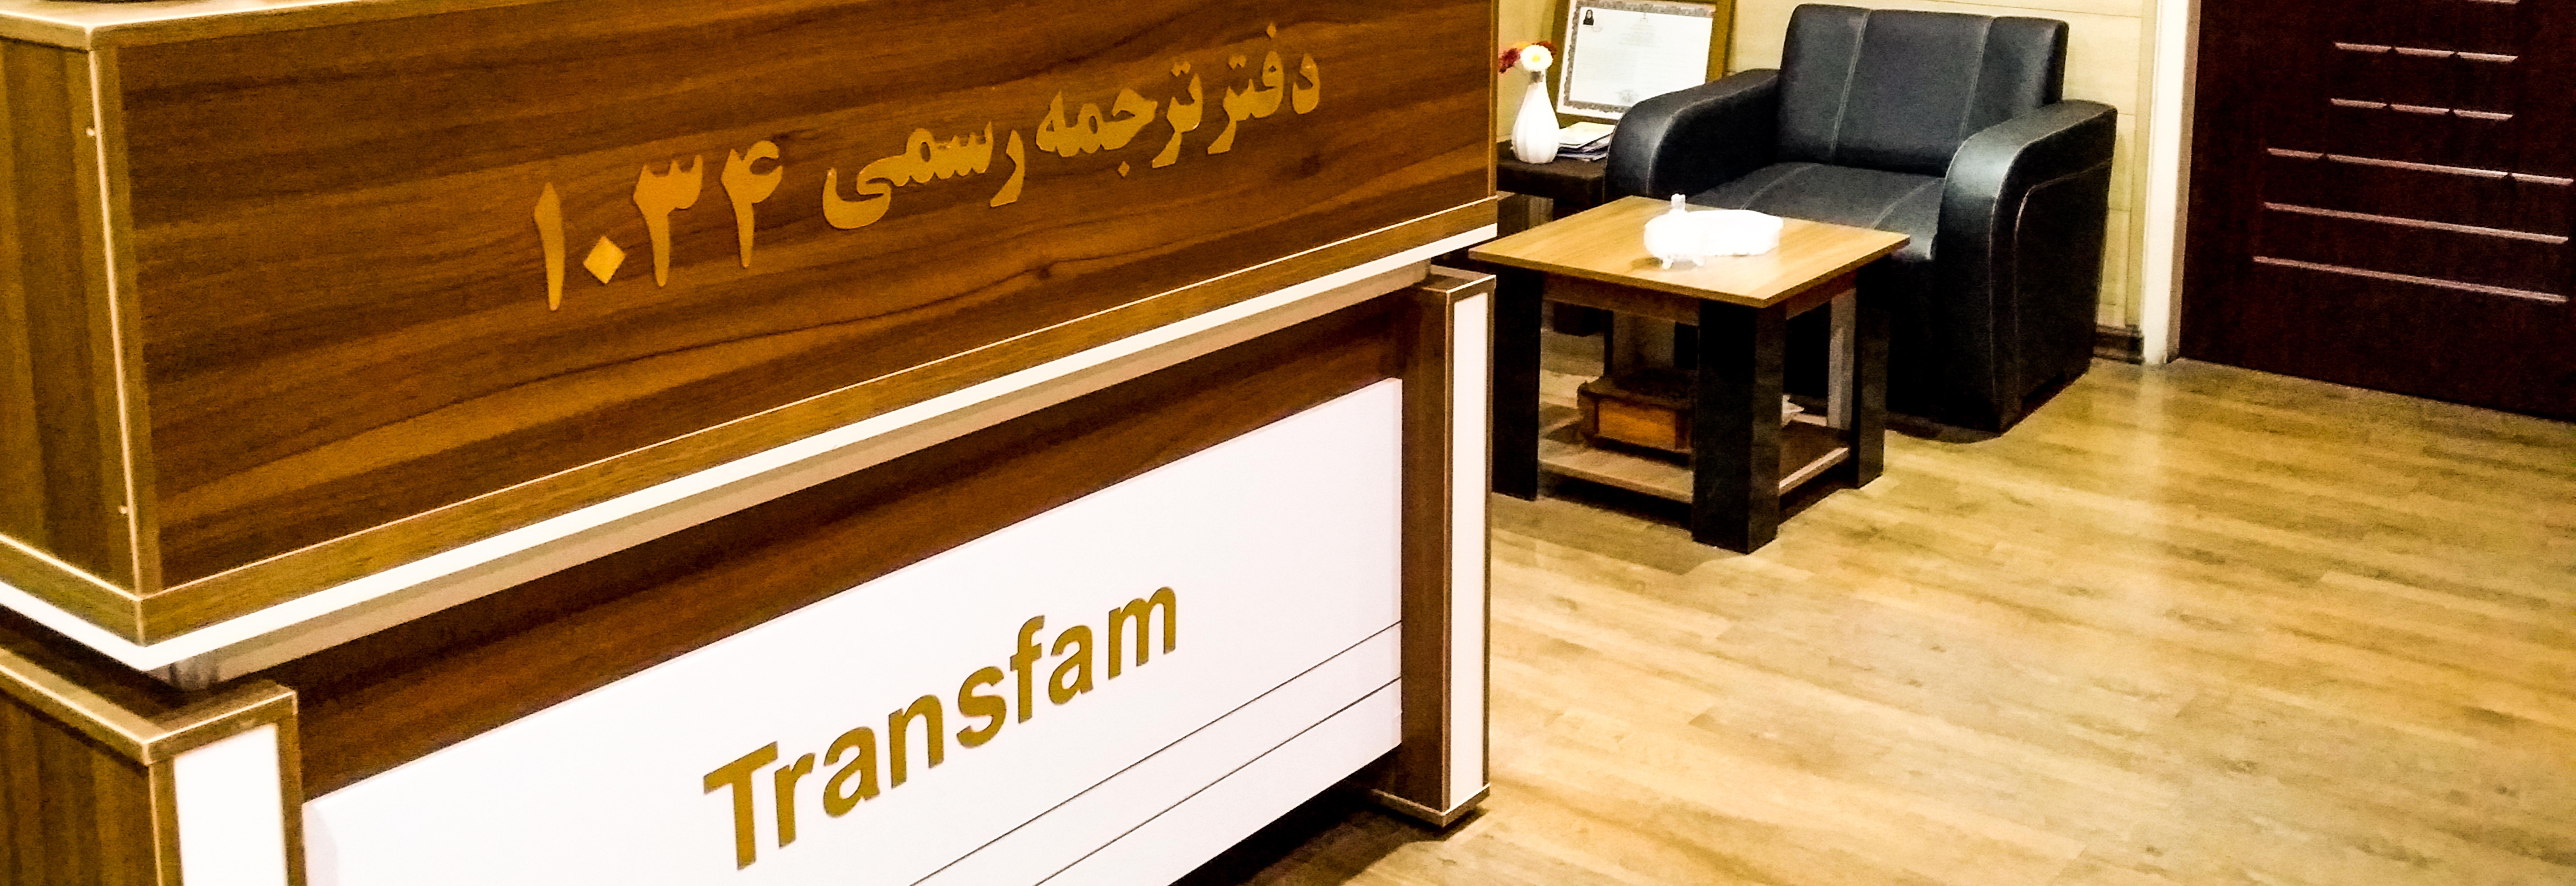 دارالترجمه در خیابان بهشتی